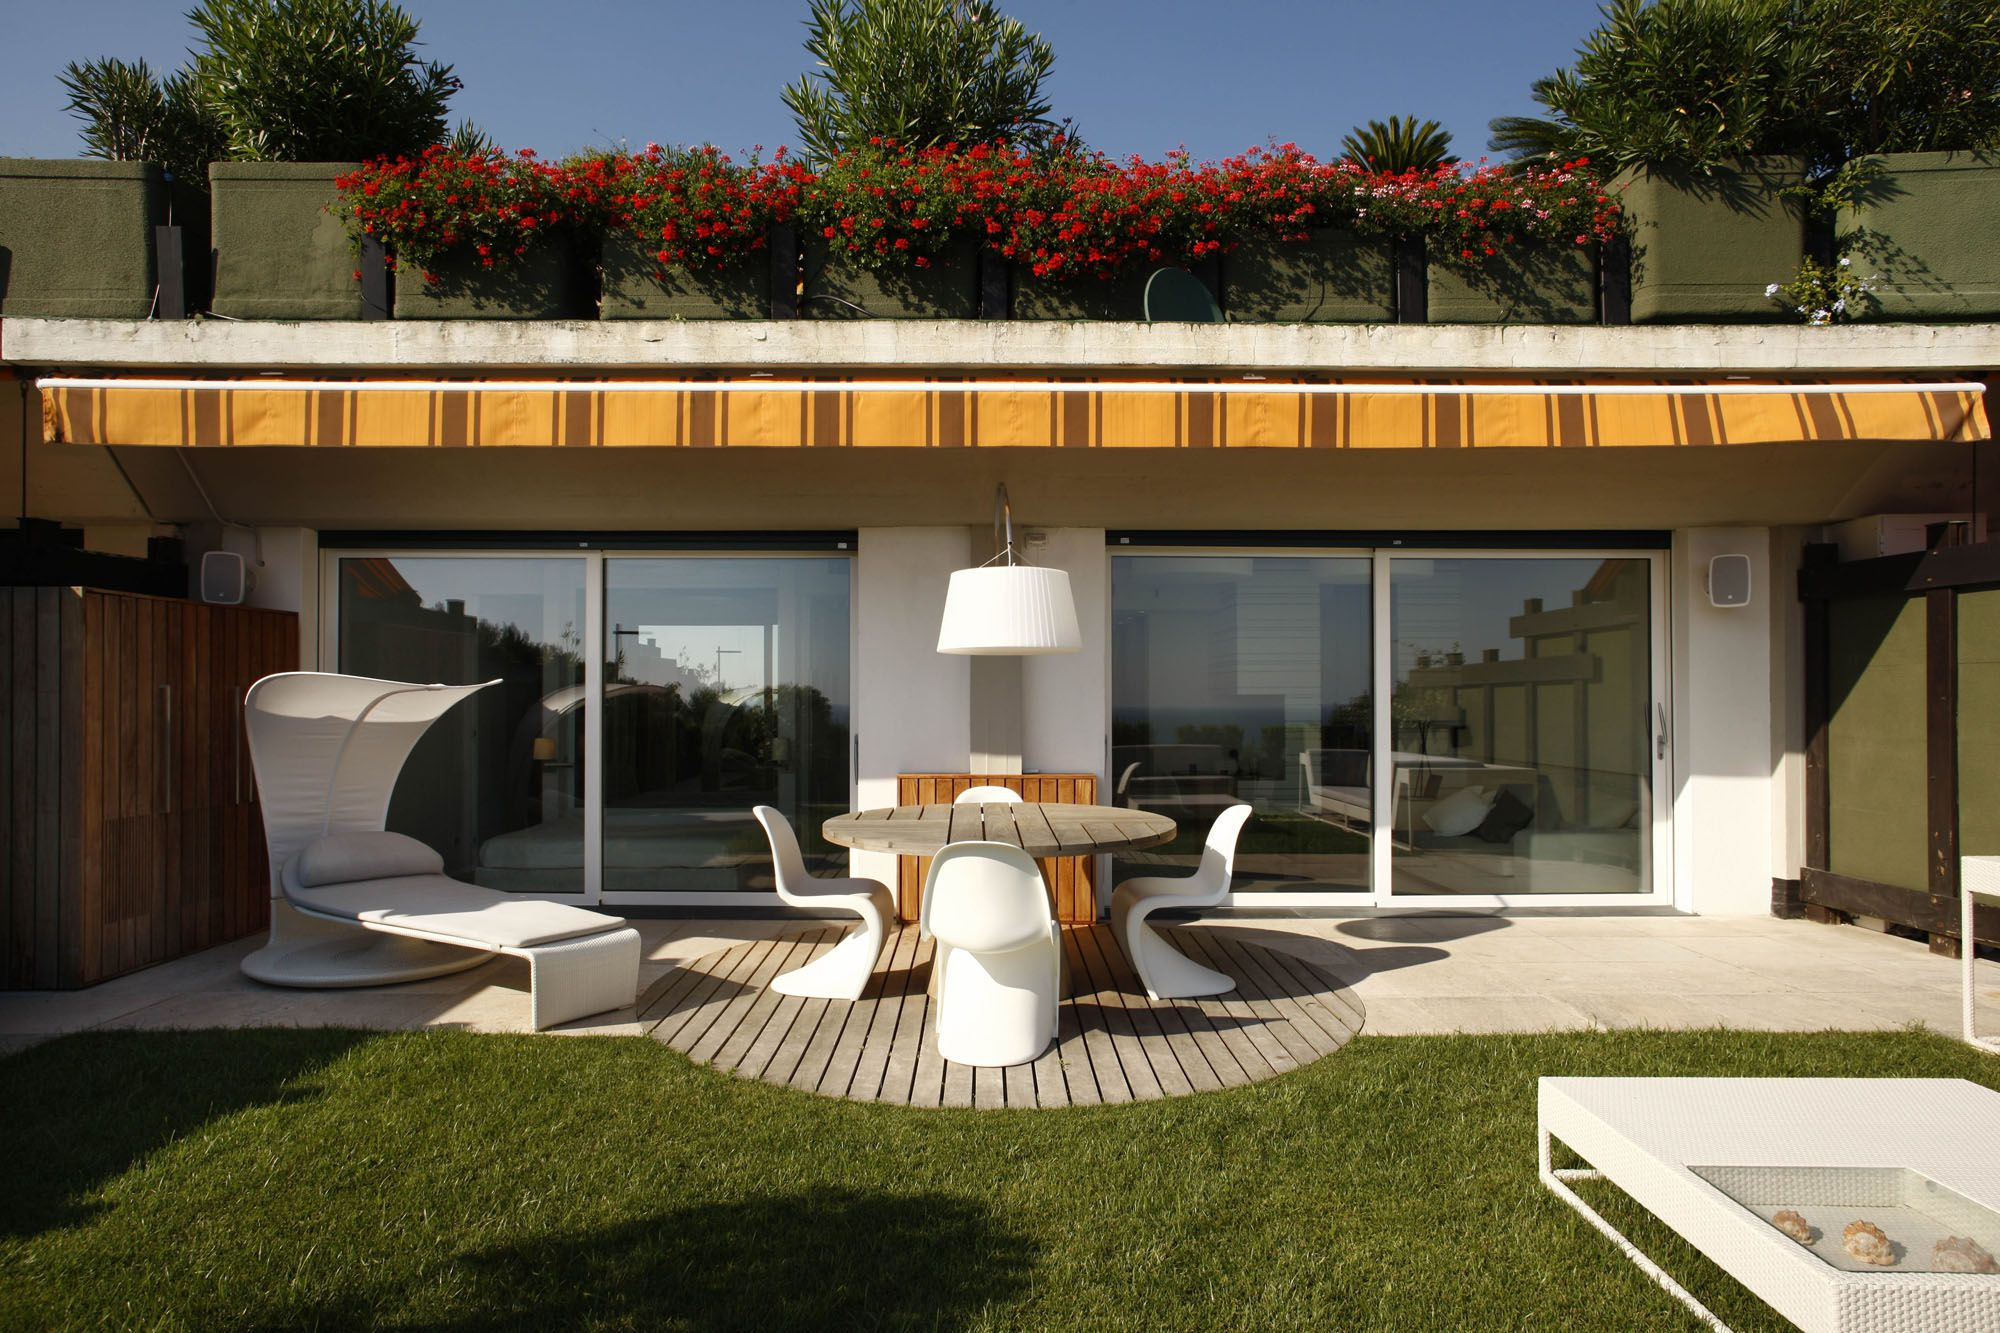 Contemporary casa pina by fabio fantolino caandesign for Casas con terrazas modernas